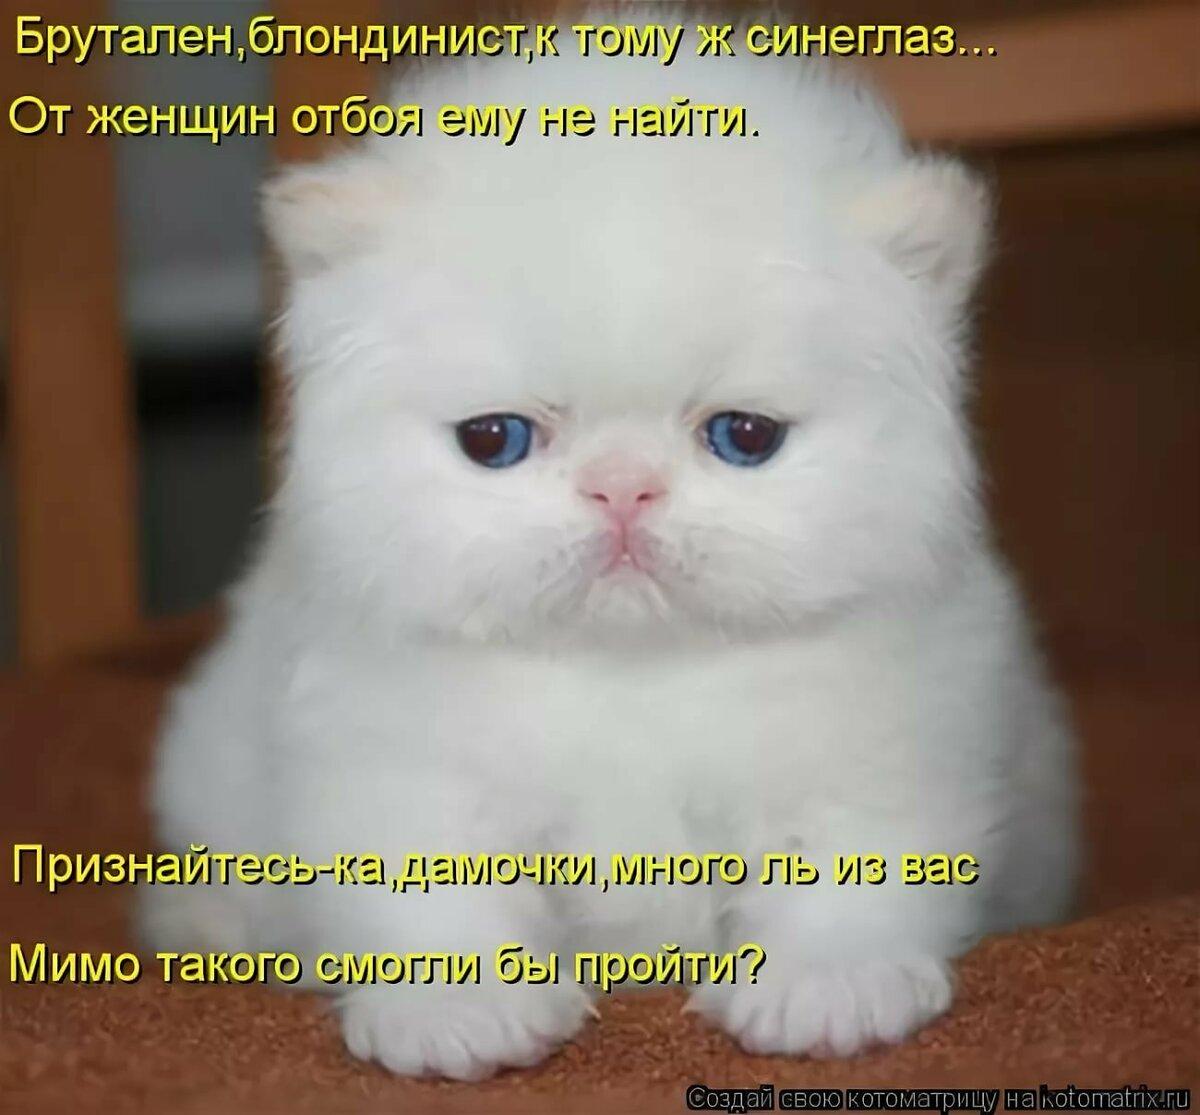 картинки с котиками милыми с надписью территории меньше